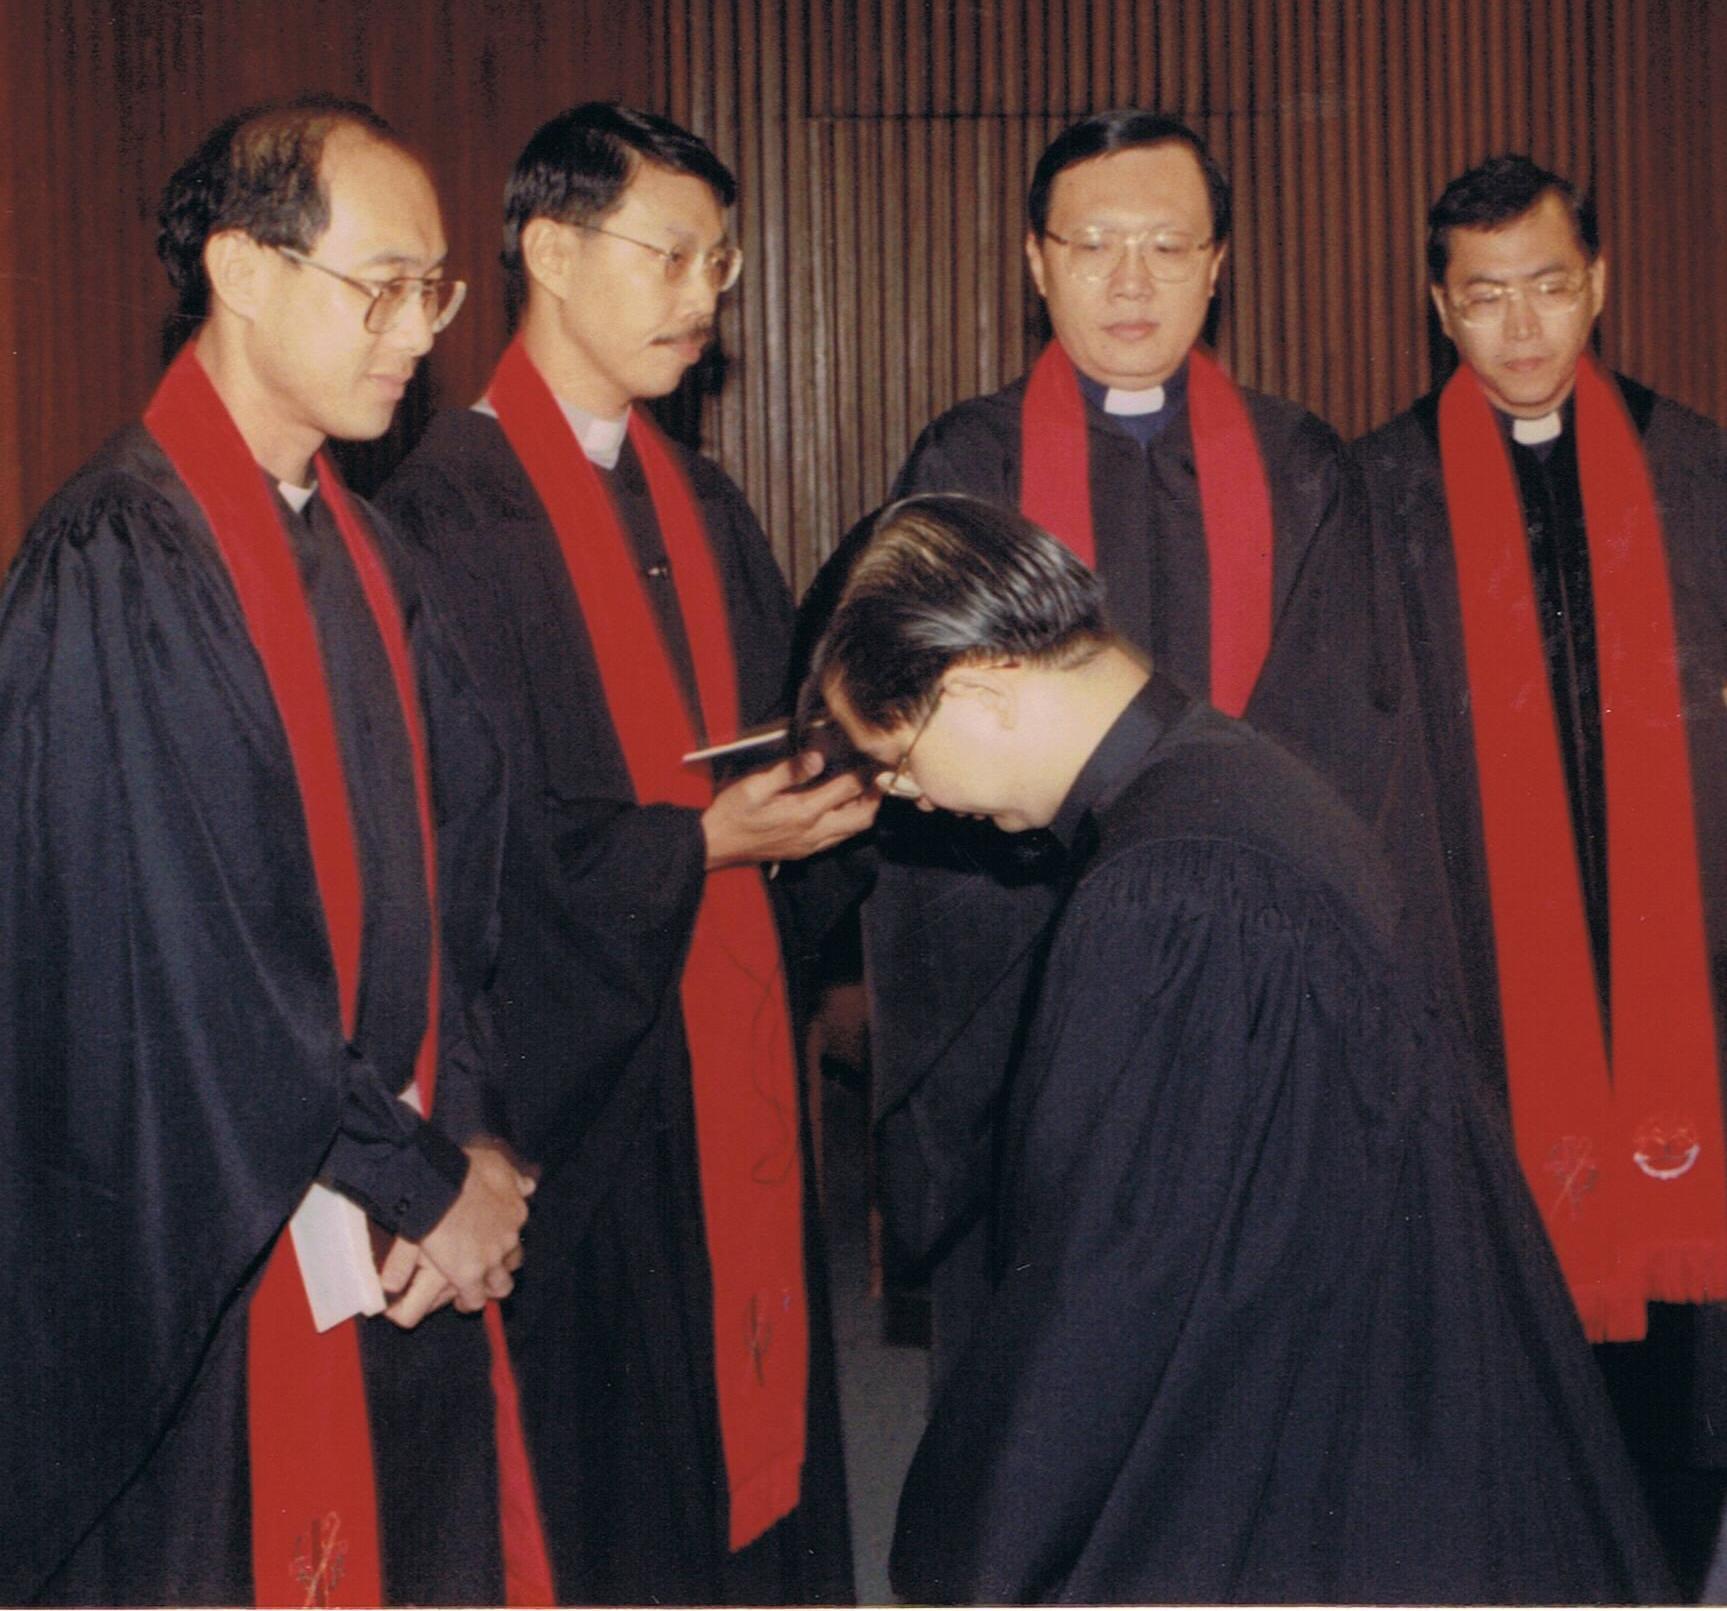 Rev Gan